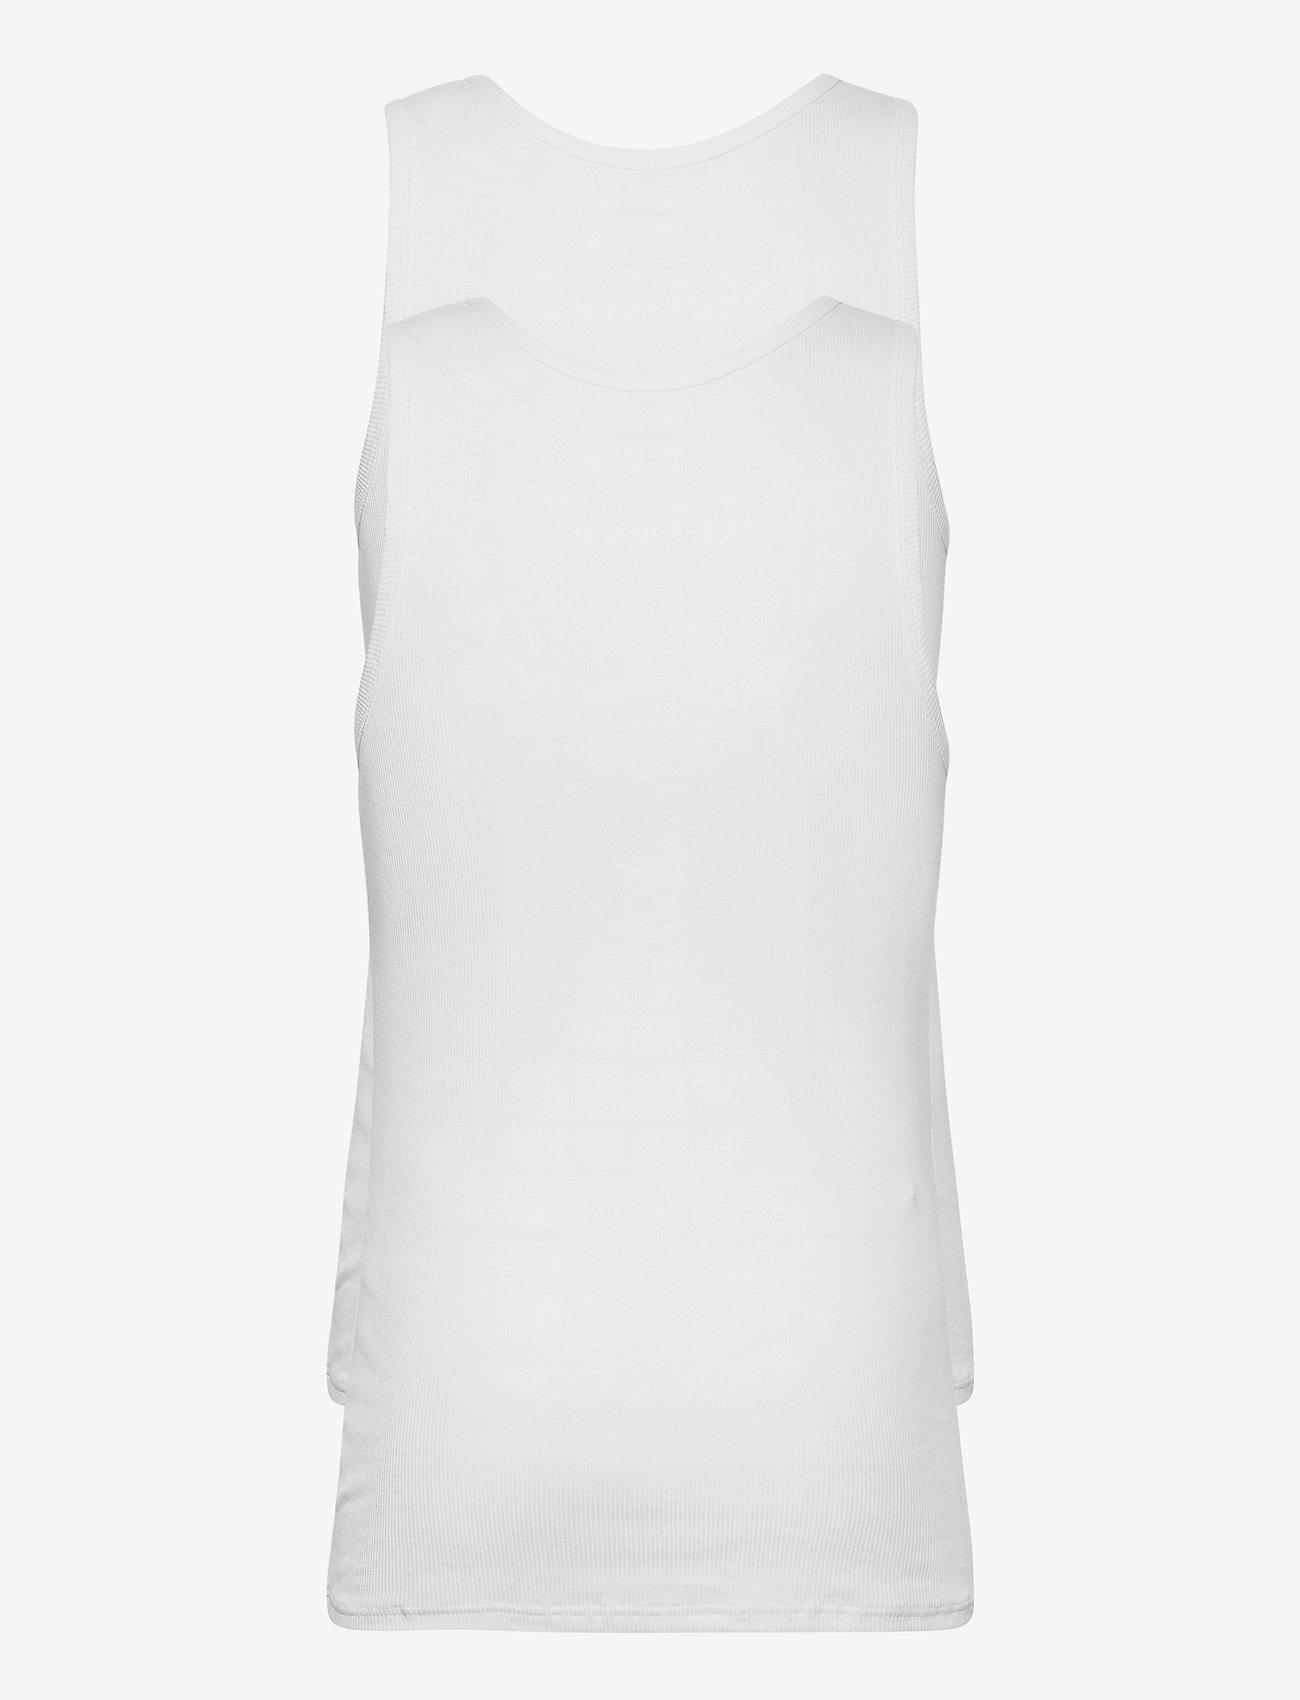 Resteröds BAMBOO 2-PACK TANK - T-skjorter WHITE - Menn Klær